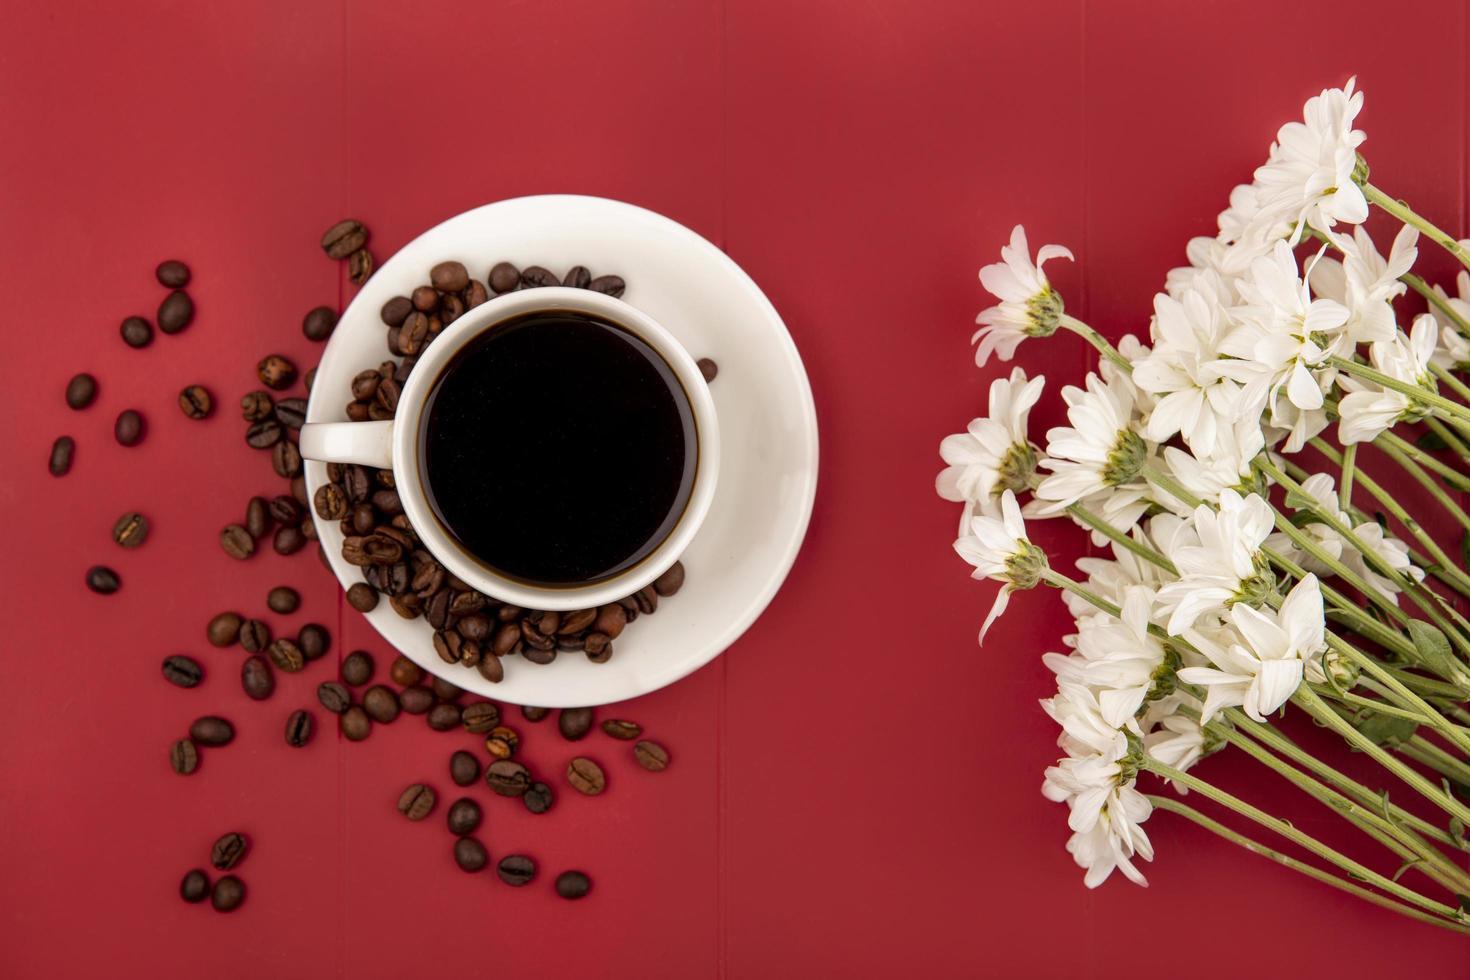 ovanifrån av kaffe på en vit kopp med kaffebönor på en röd bakgrund foto